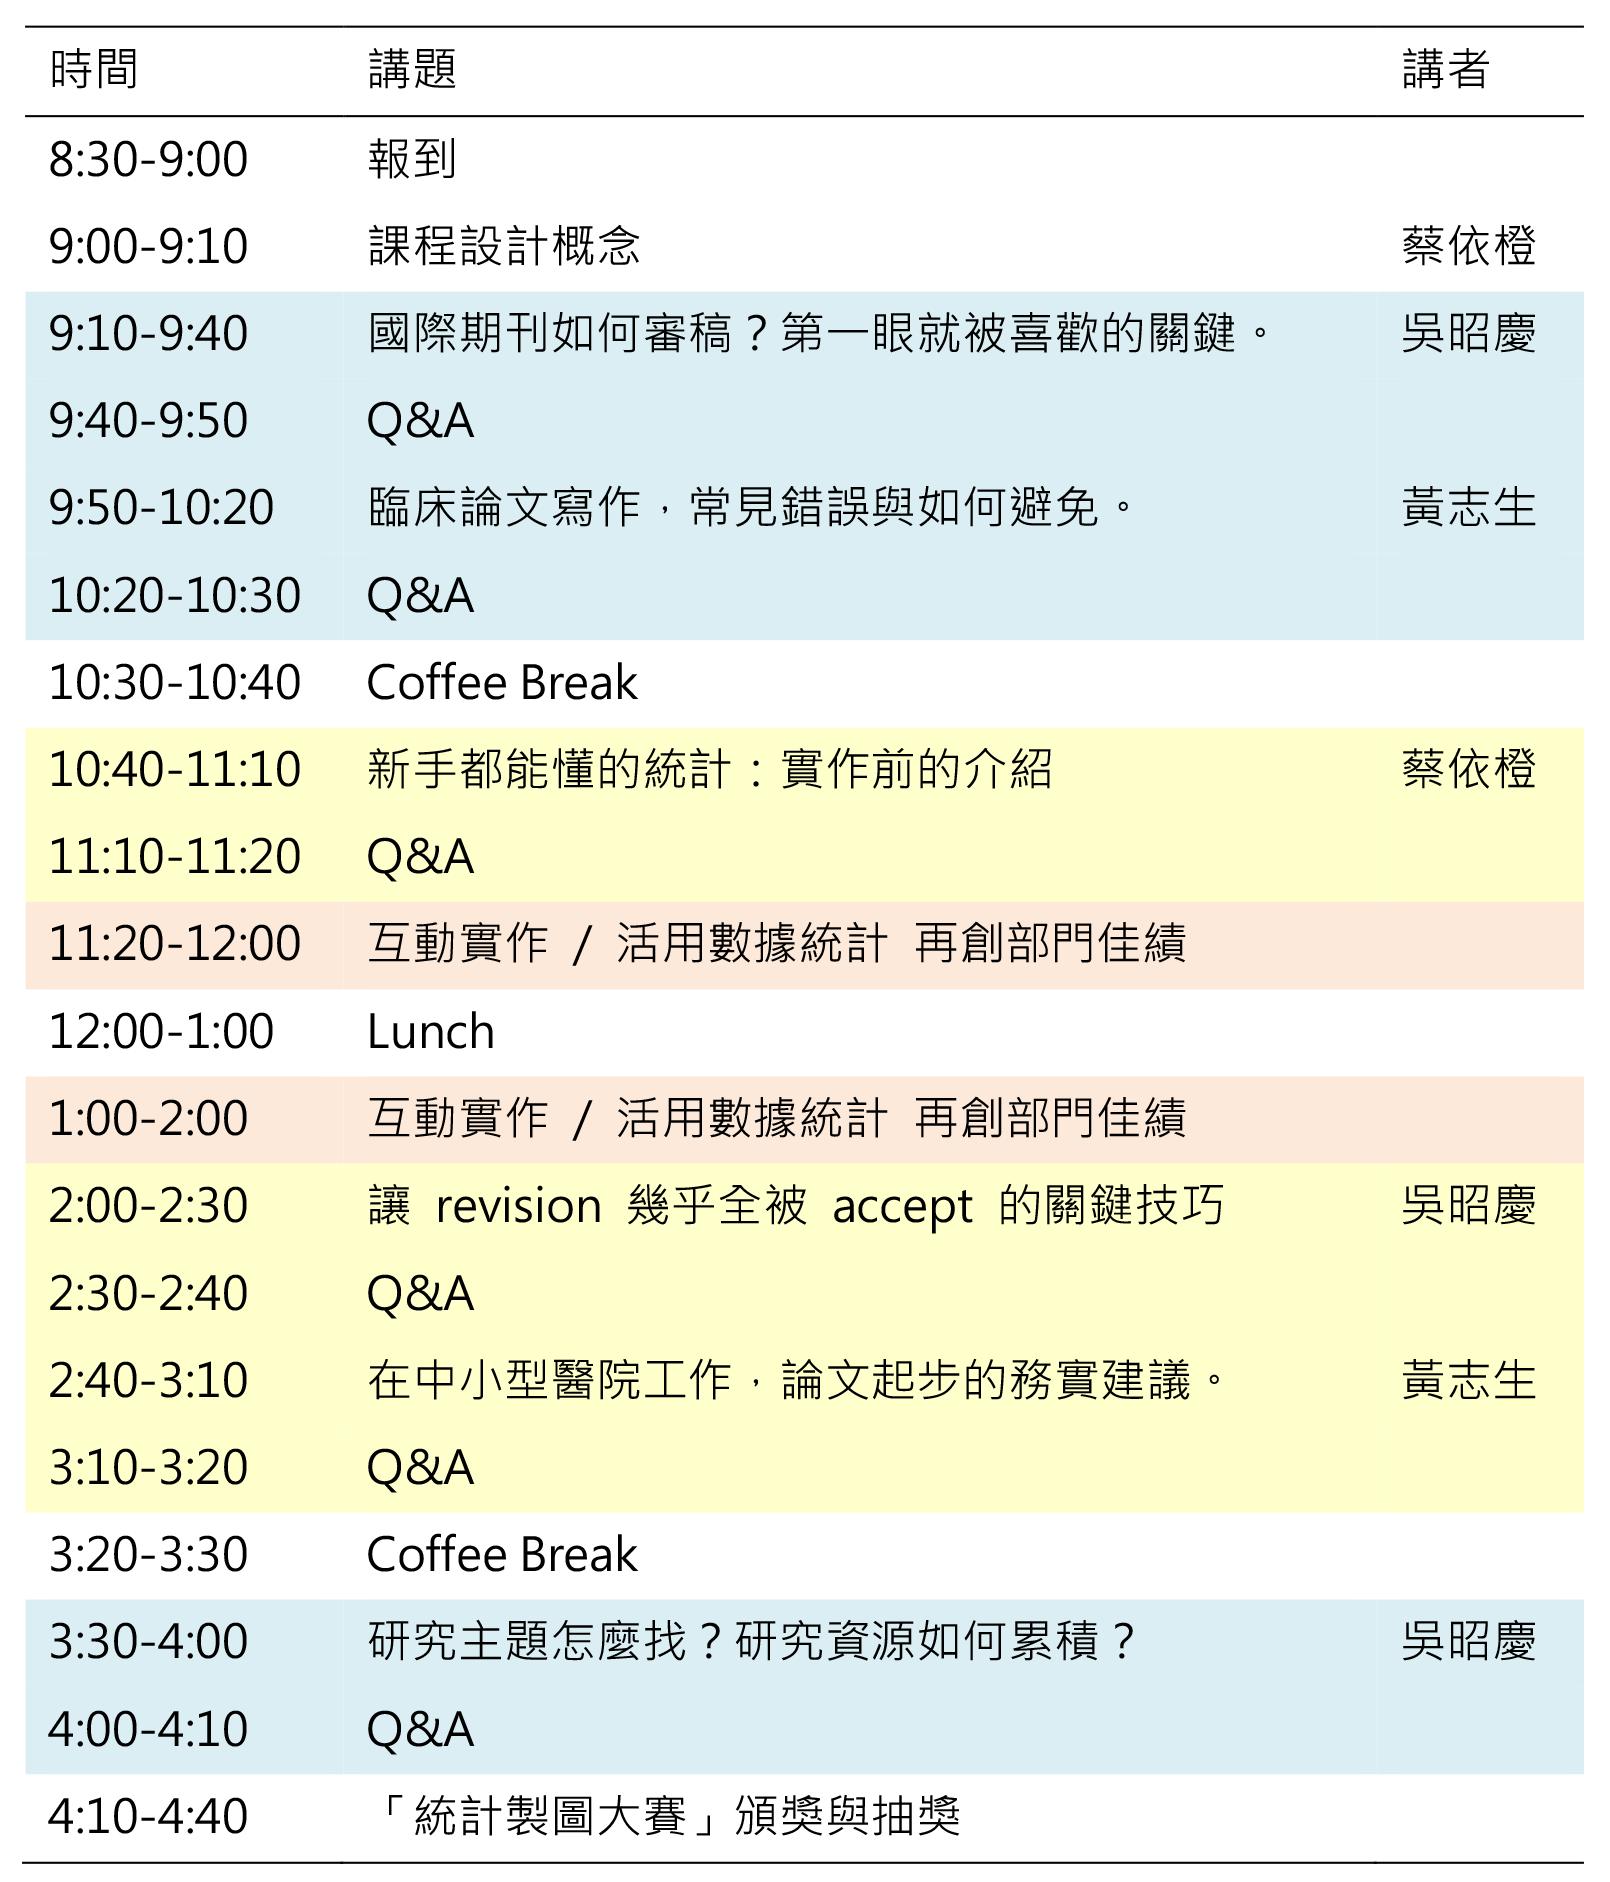 2021_CLIP_schedule